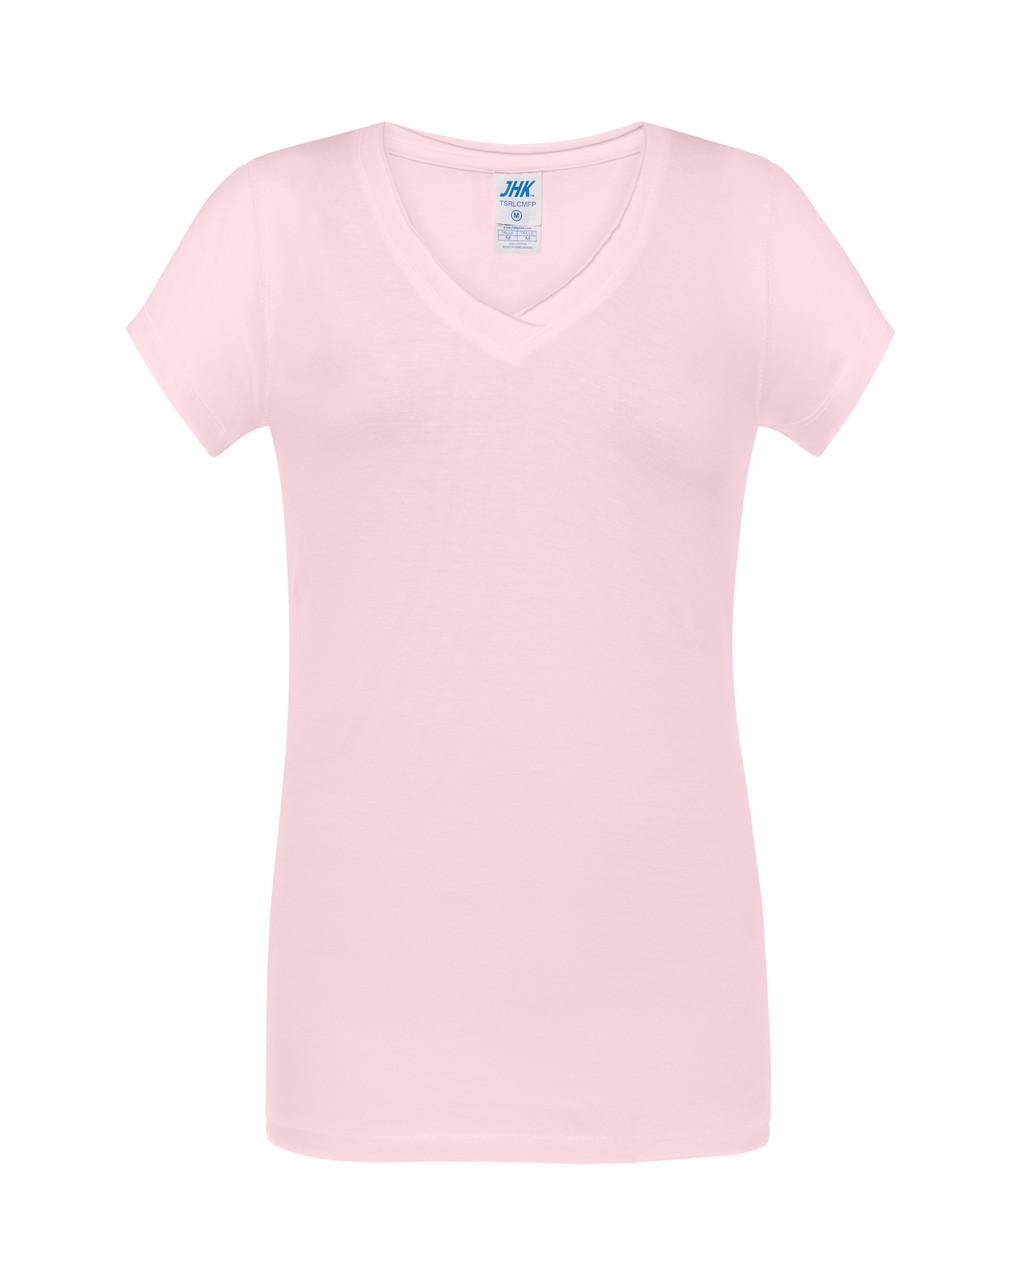 Женская футболка JHK COMFORT V-NECK LADY цвет розовый (PK)